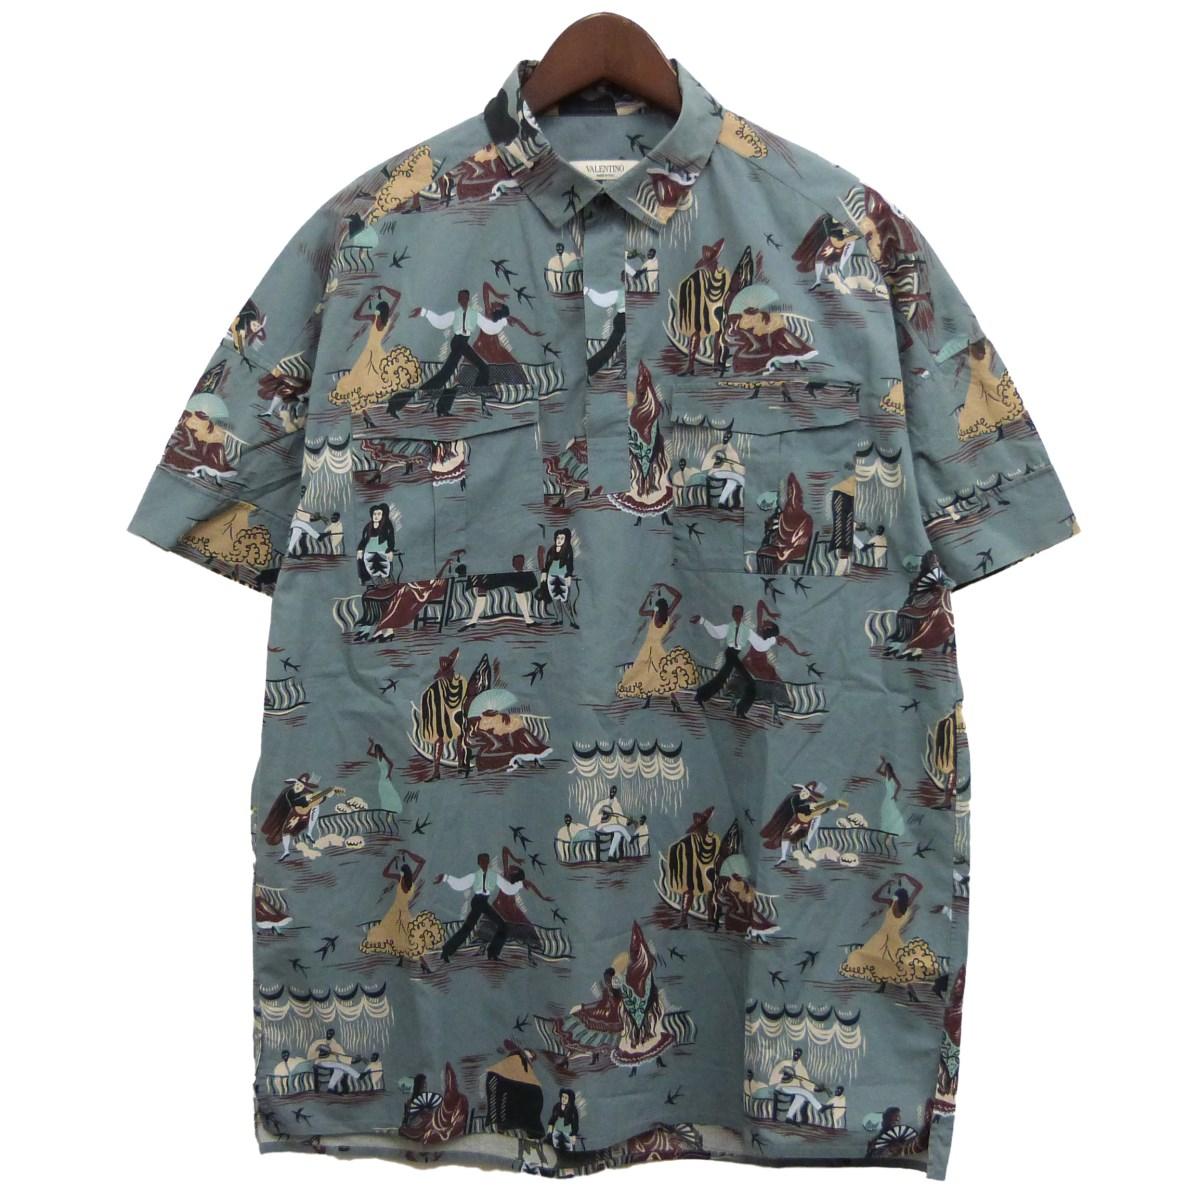 【中古】VALENTINO総柄プルオーバー半袖シャツ ブルーグレー サイズ:40